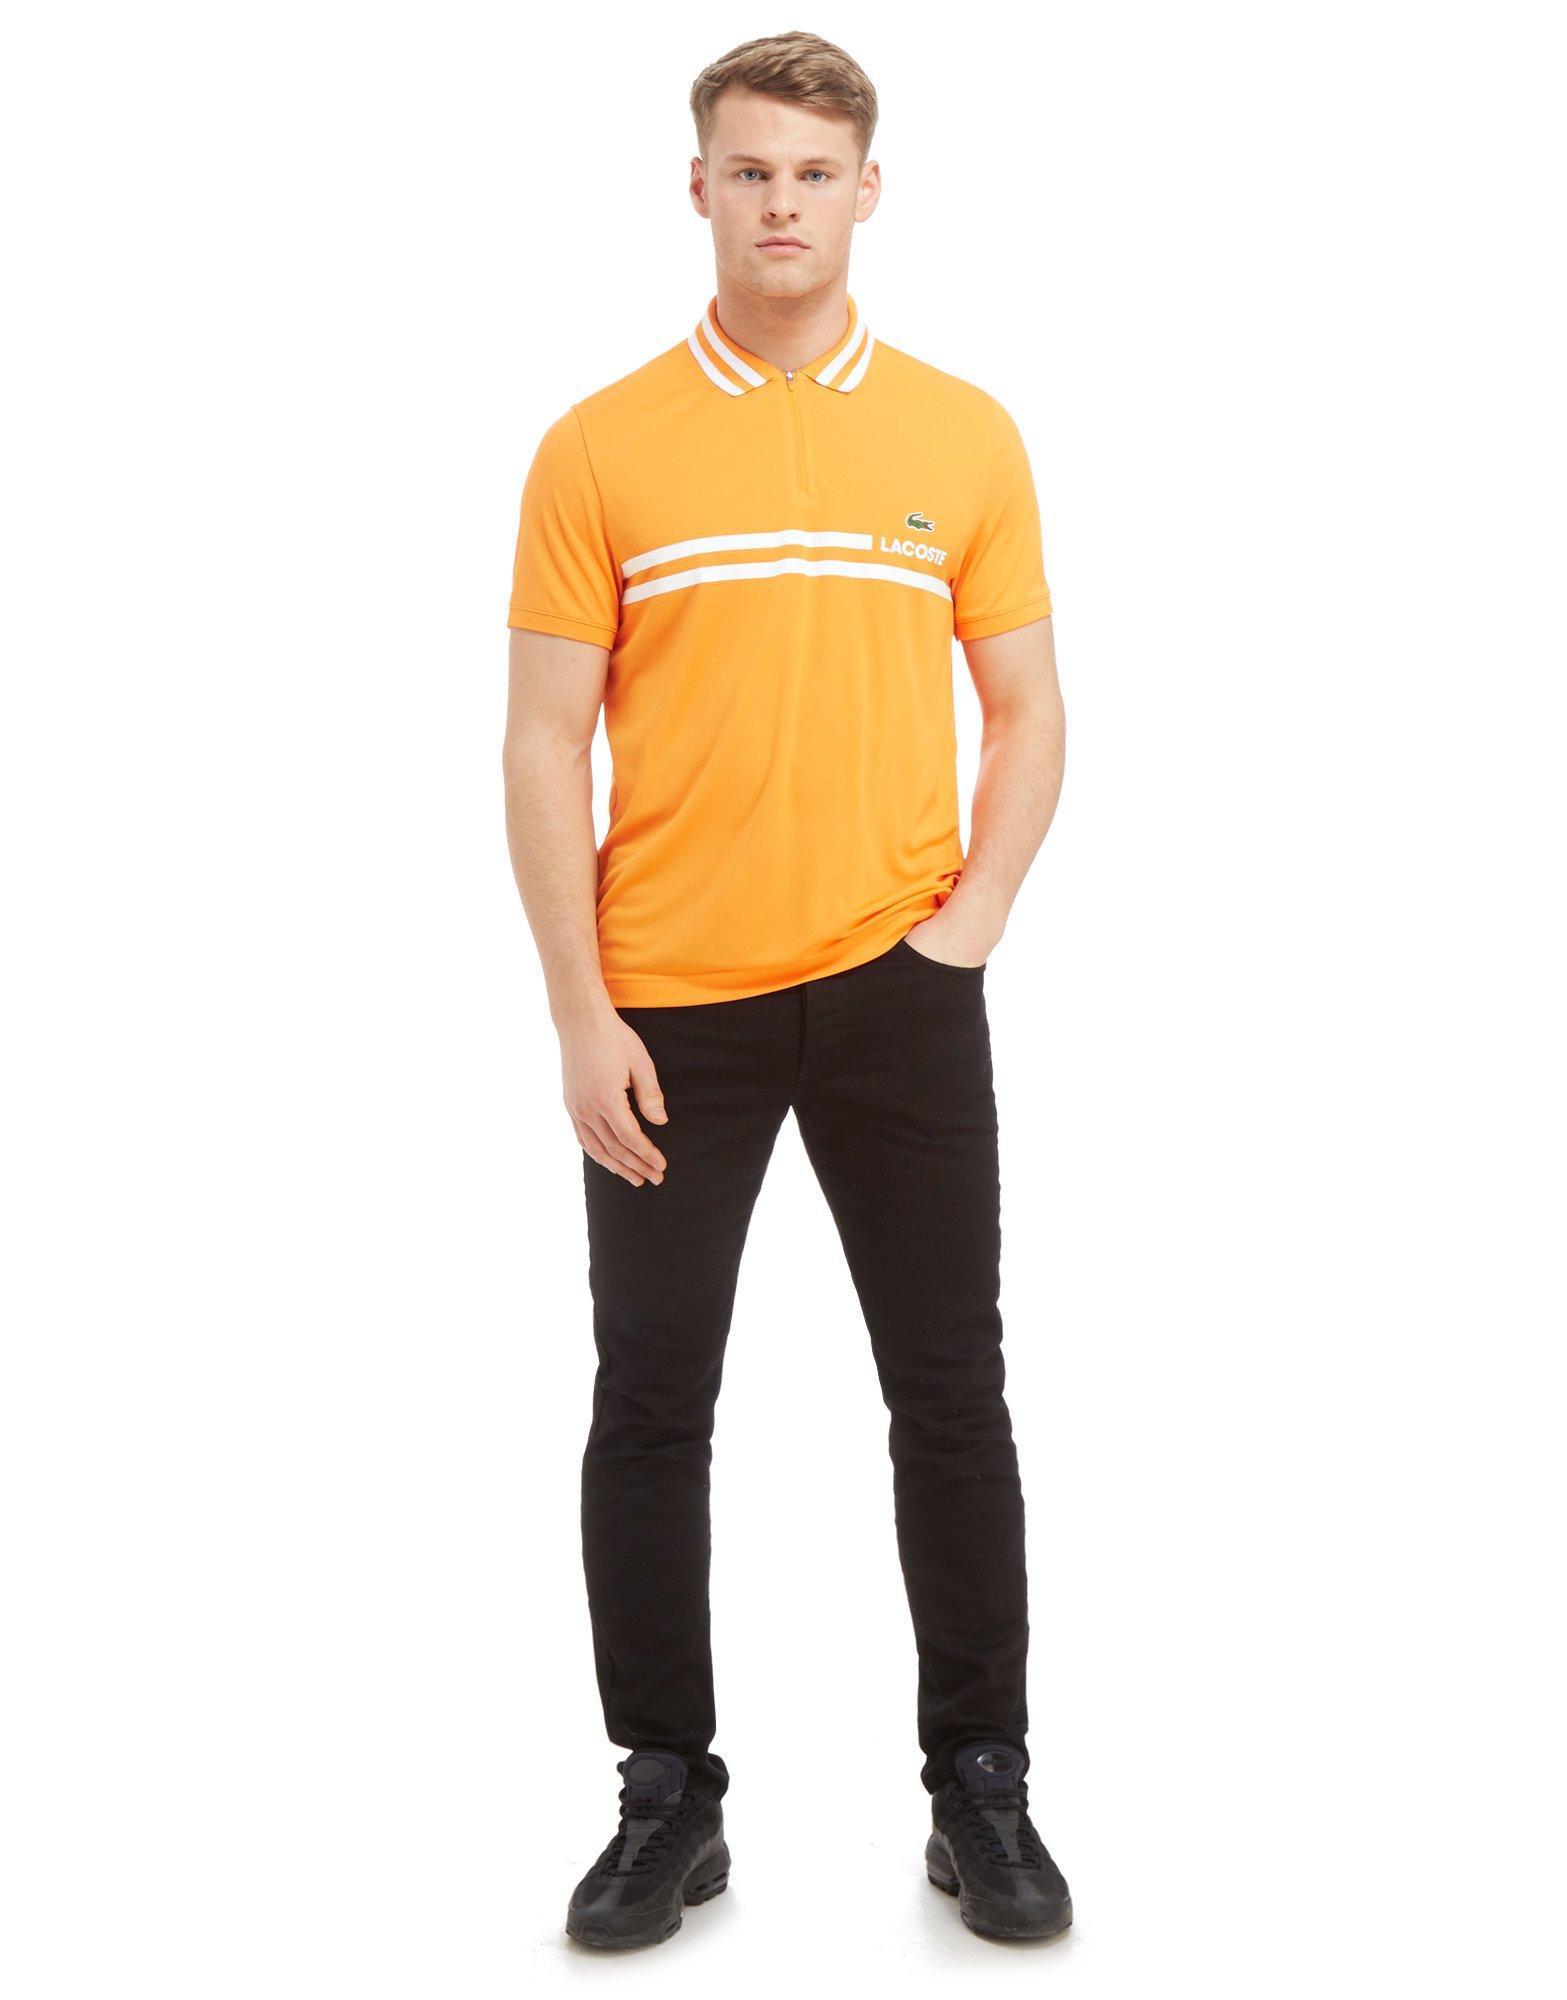 Universiteti Jd Lacoste SportsAzərbaycan Shirts Polo Dillər knwP8OXN0